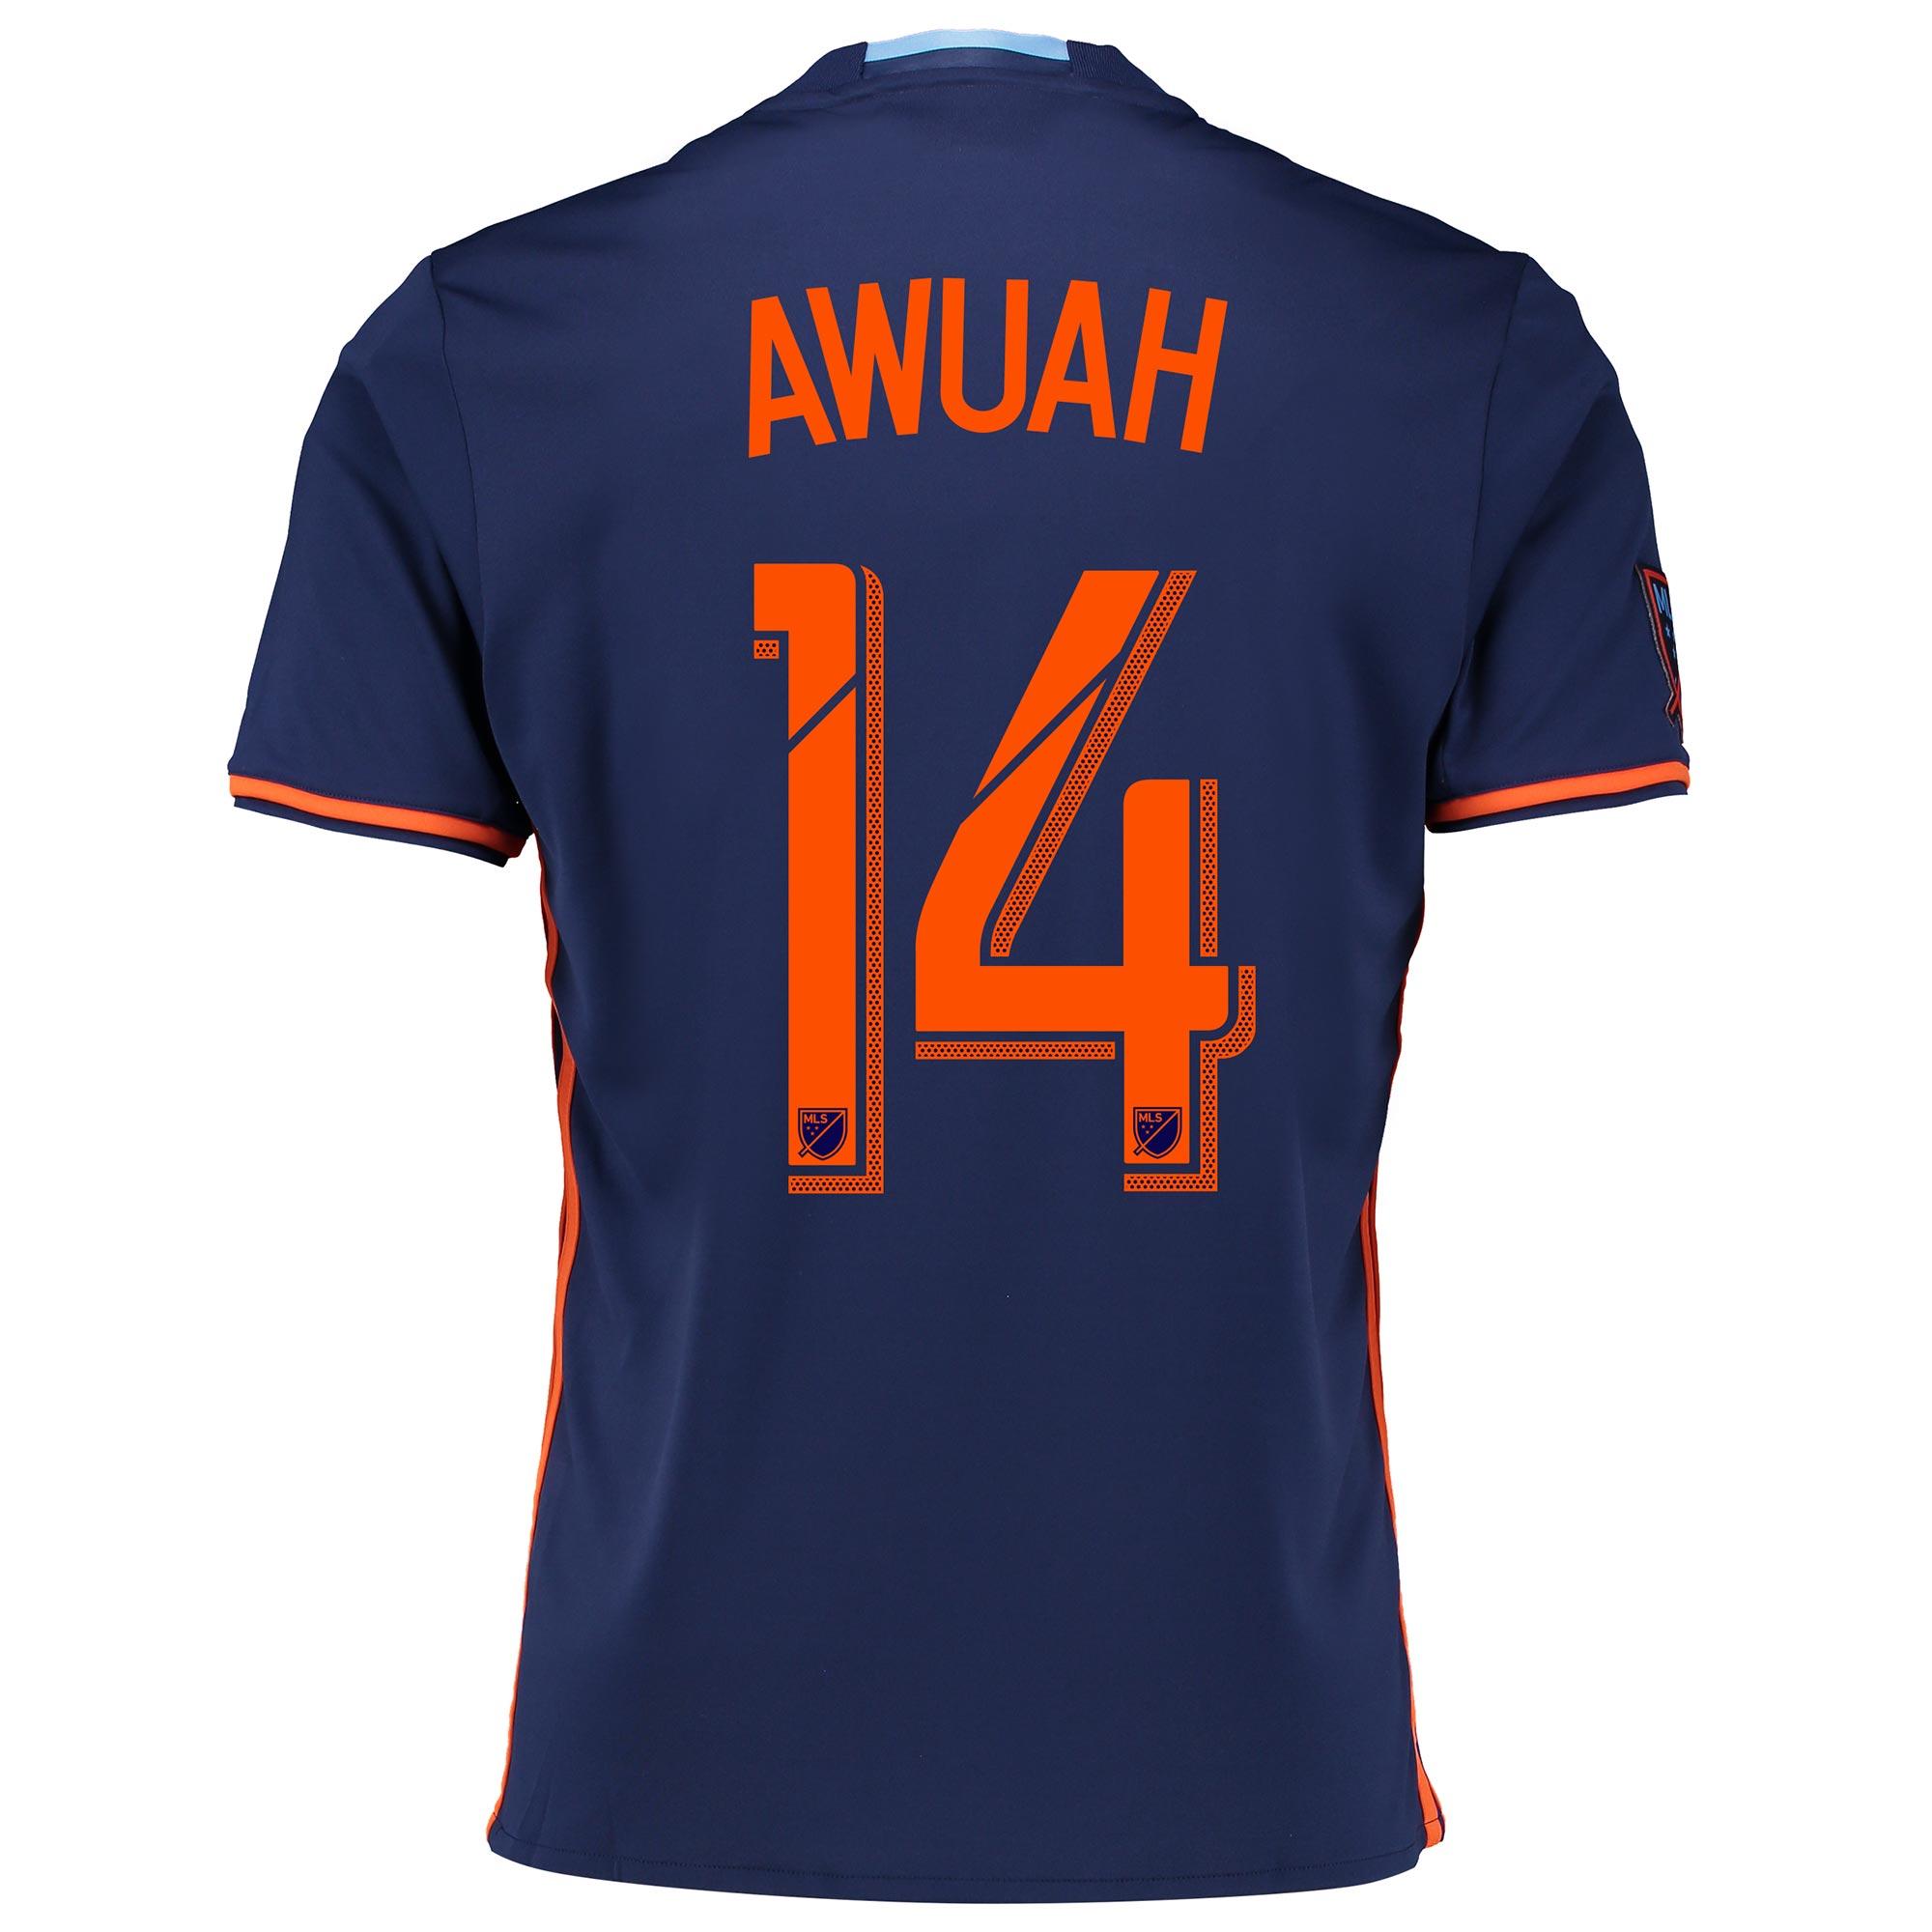 New York City FC Away Shirt 2016-17 with Awuah 14 printing